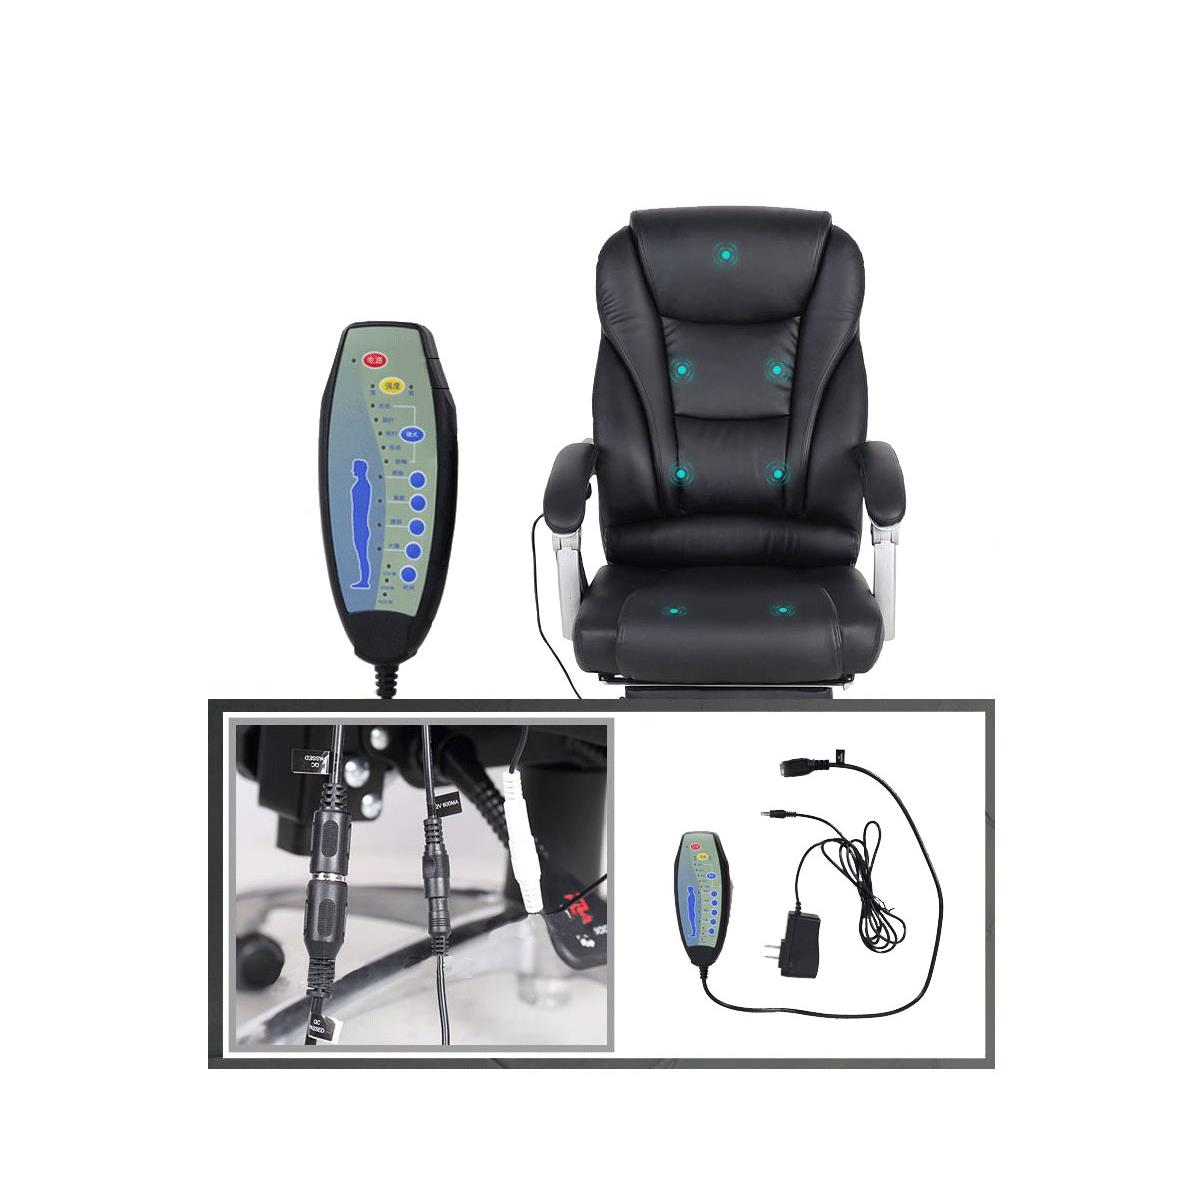 Poltrona Ufficio Massaggio.Poltrona Da Ufficio Comodity Massage Massaggiante Pelle